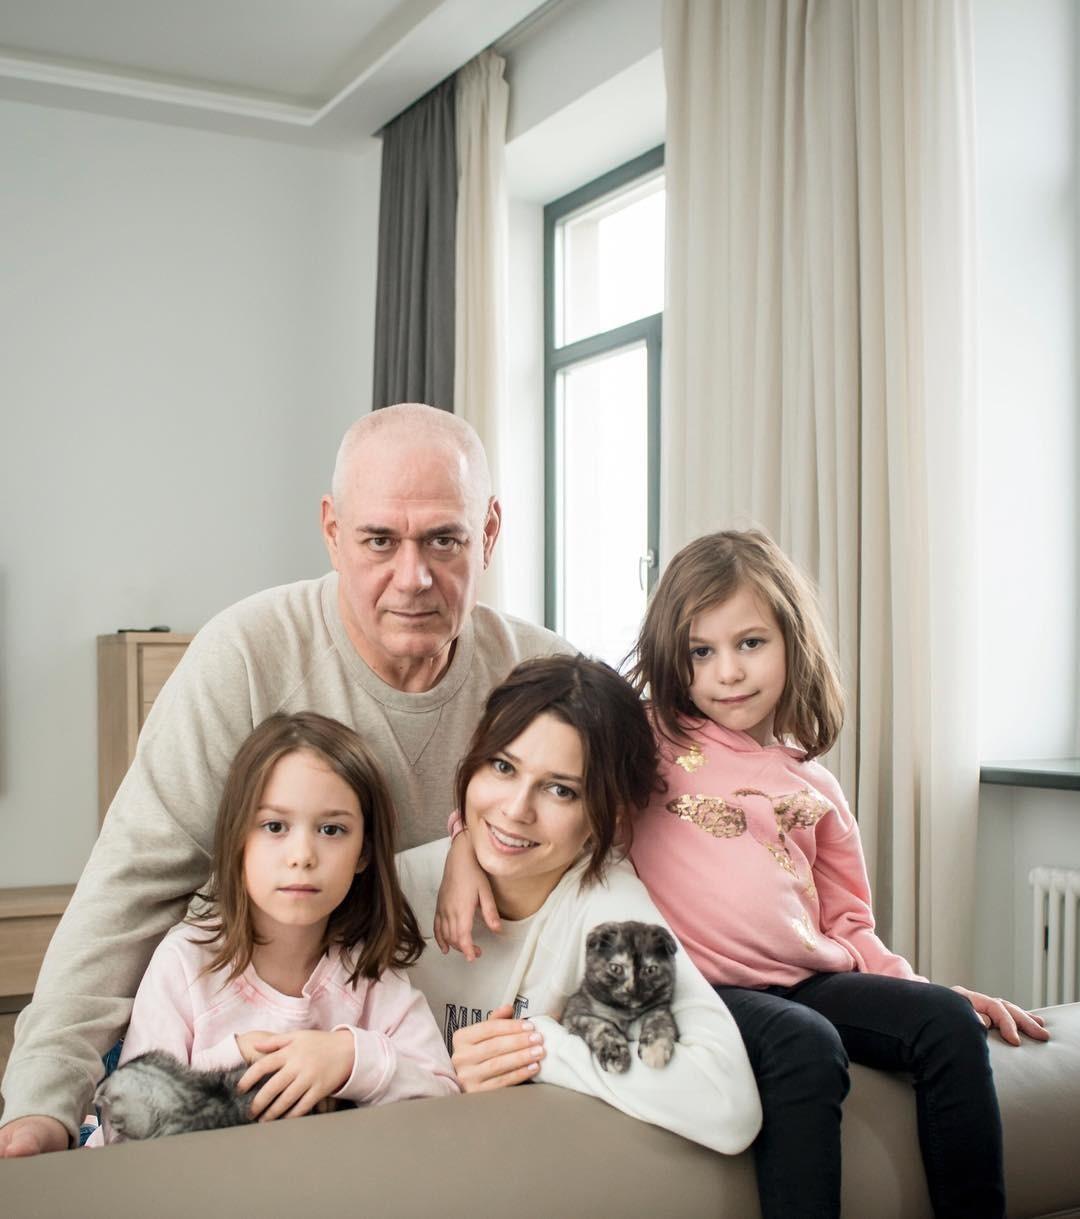 Юлия Доренко впервые рассказала освоей жизни после смерти мужа